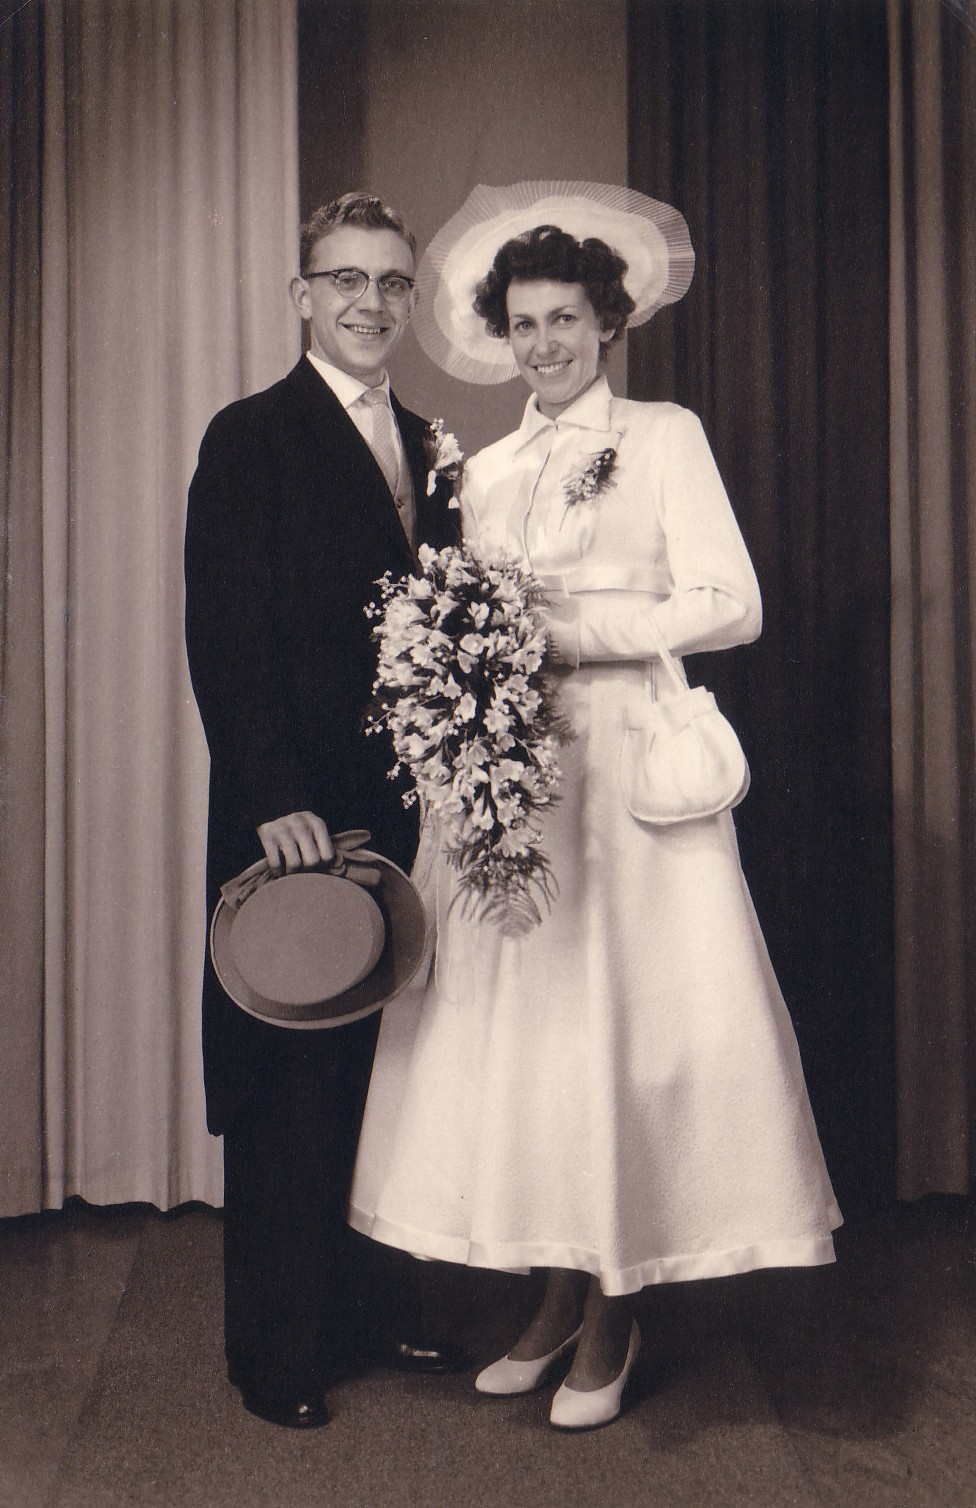 Huwelijk Neeltje C.van Eijmeren en Franciscus L. Kneppers (1958)